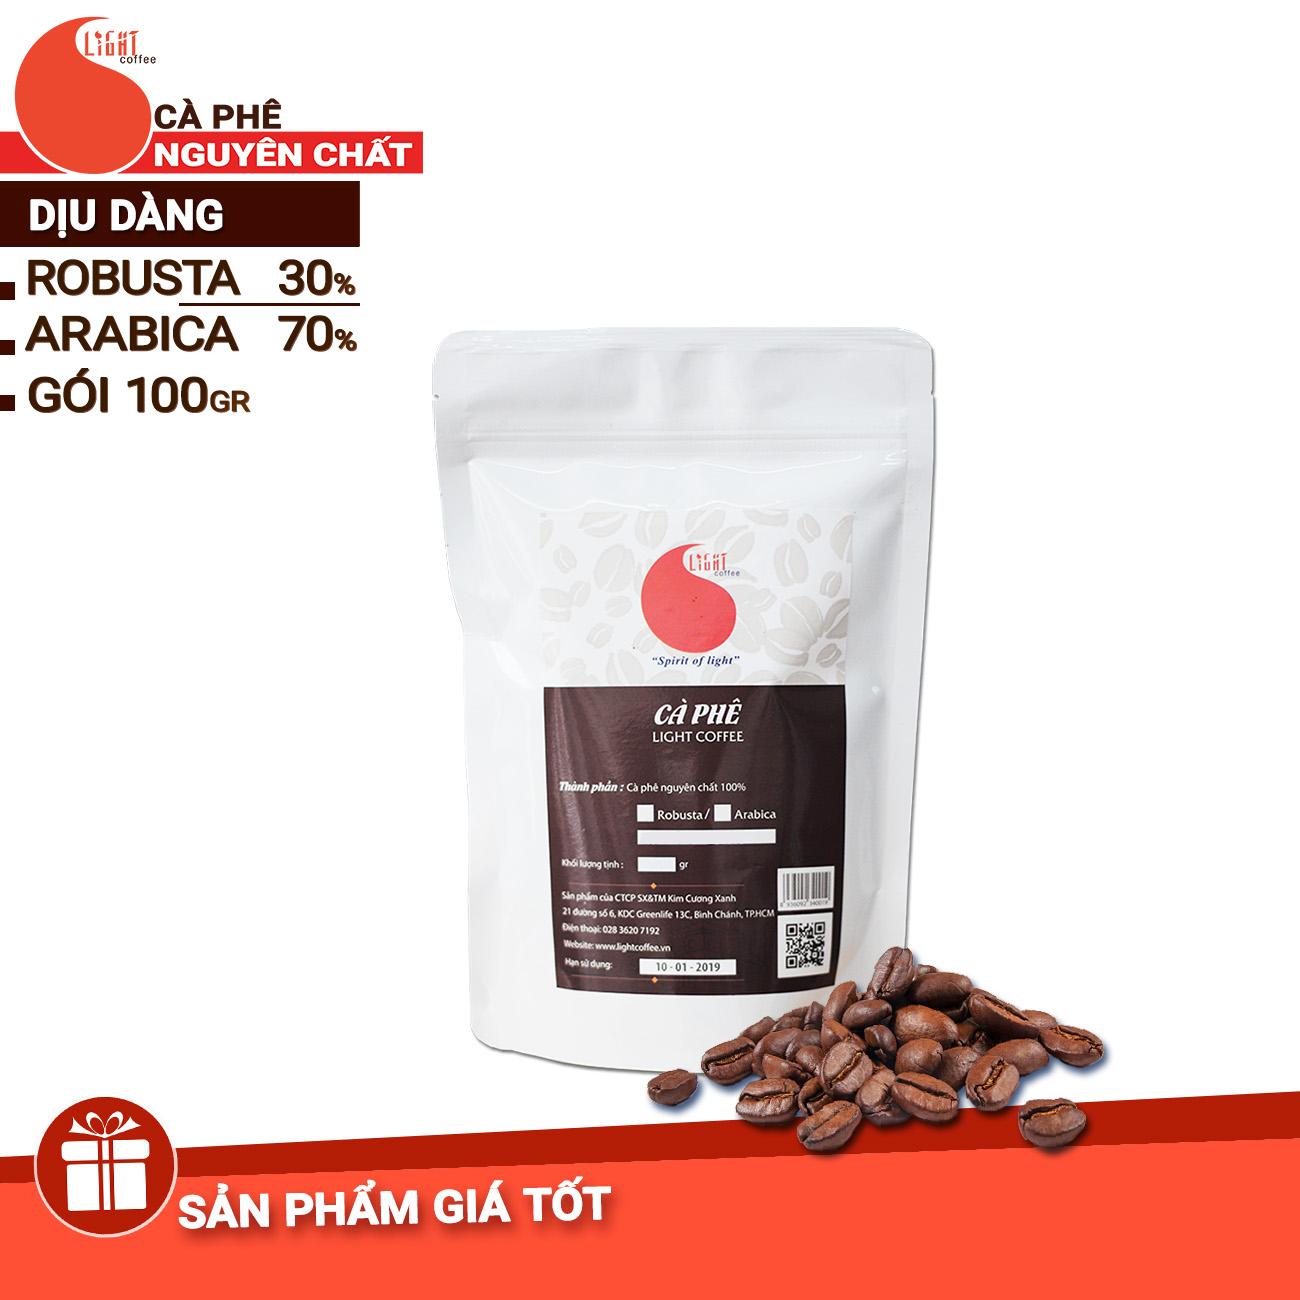 100g - Cà phê hạt rang - Chua thanh dịu dàng - Light Coffee